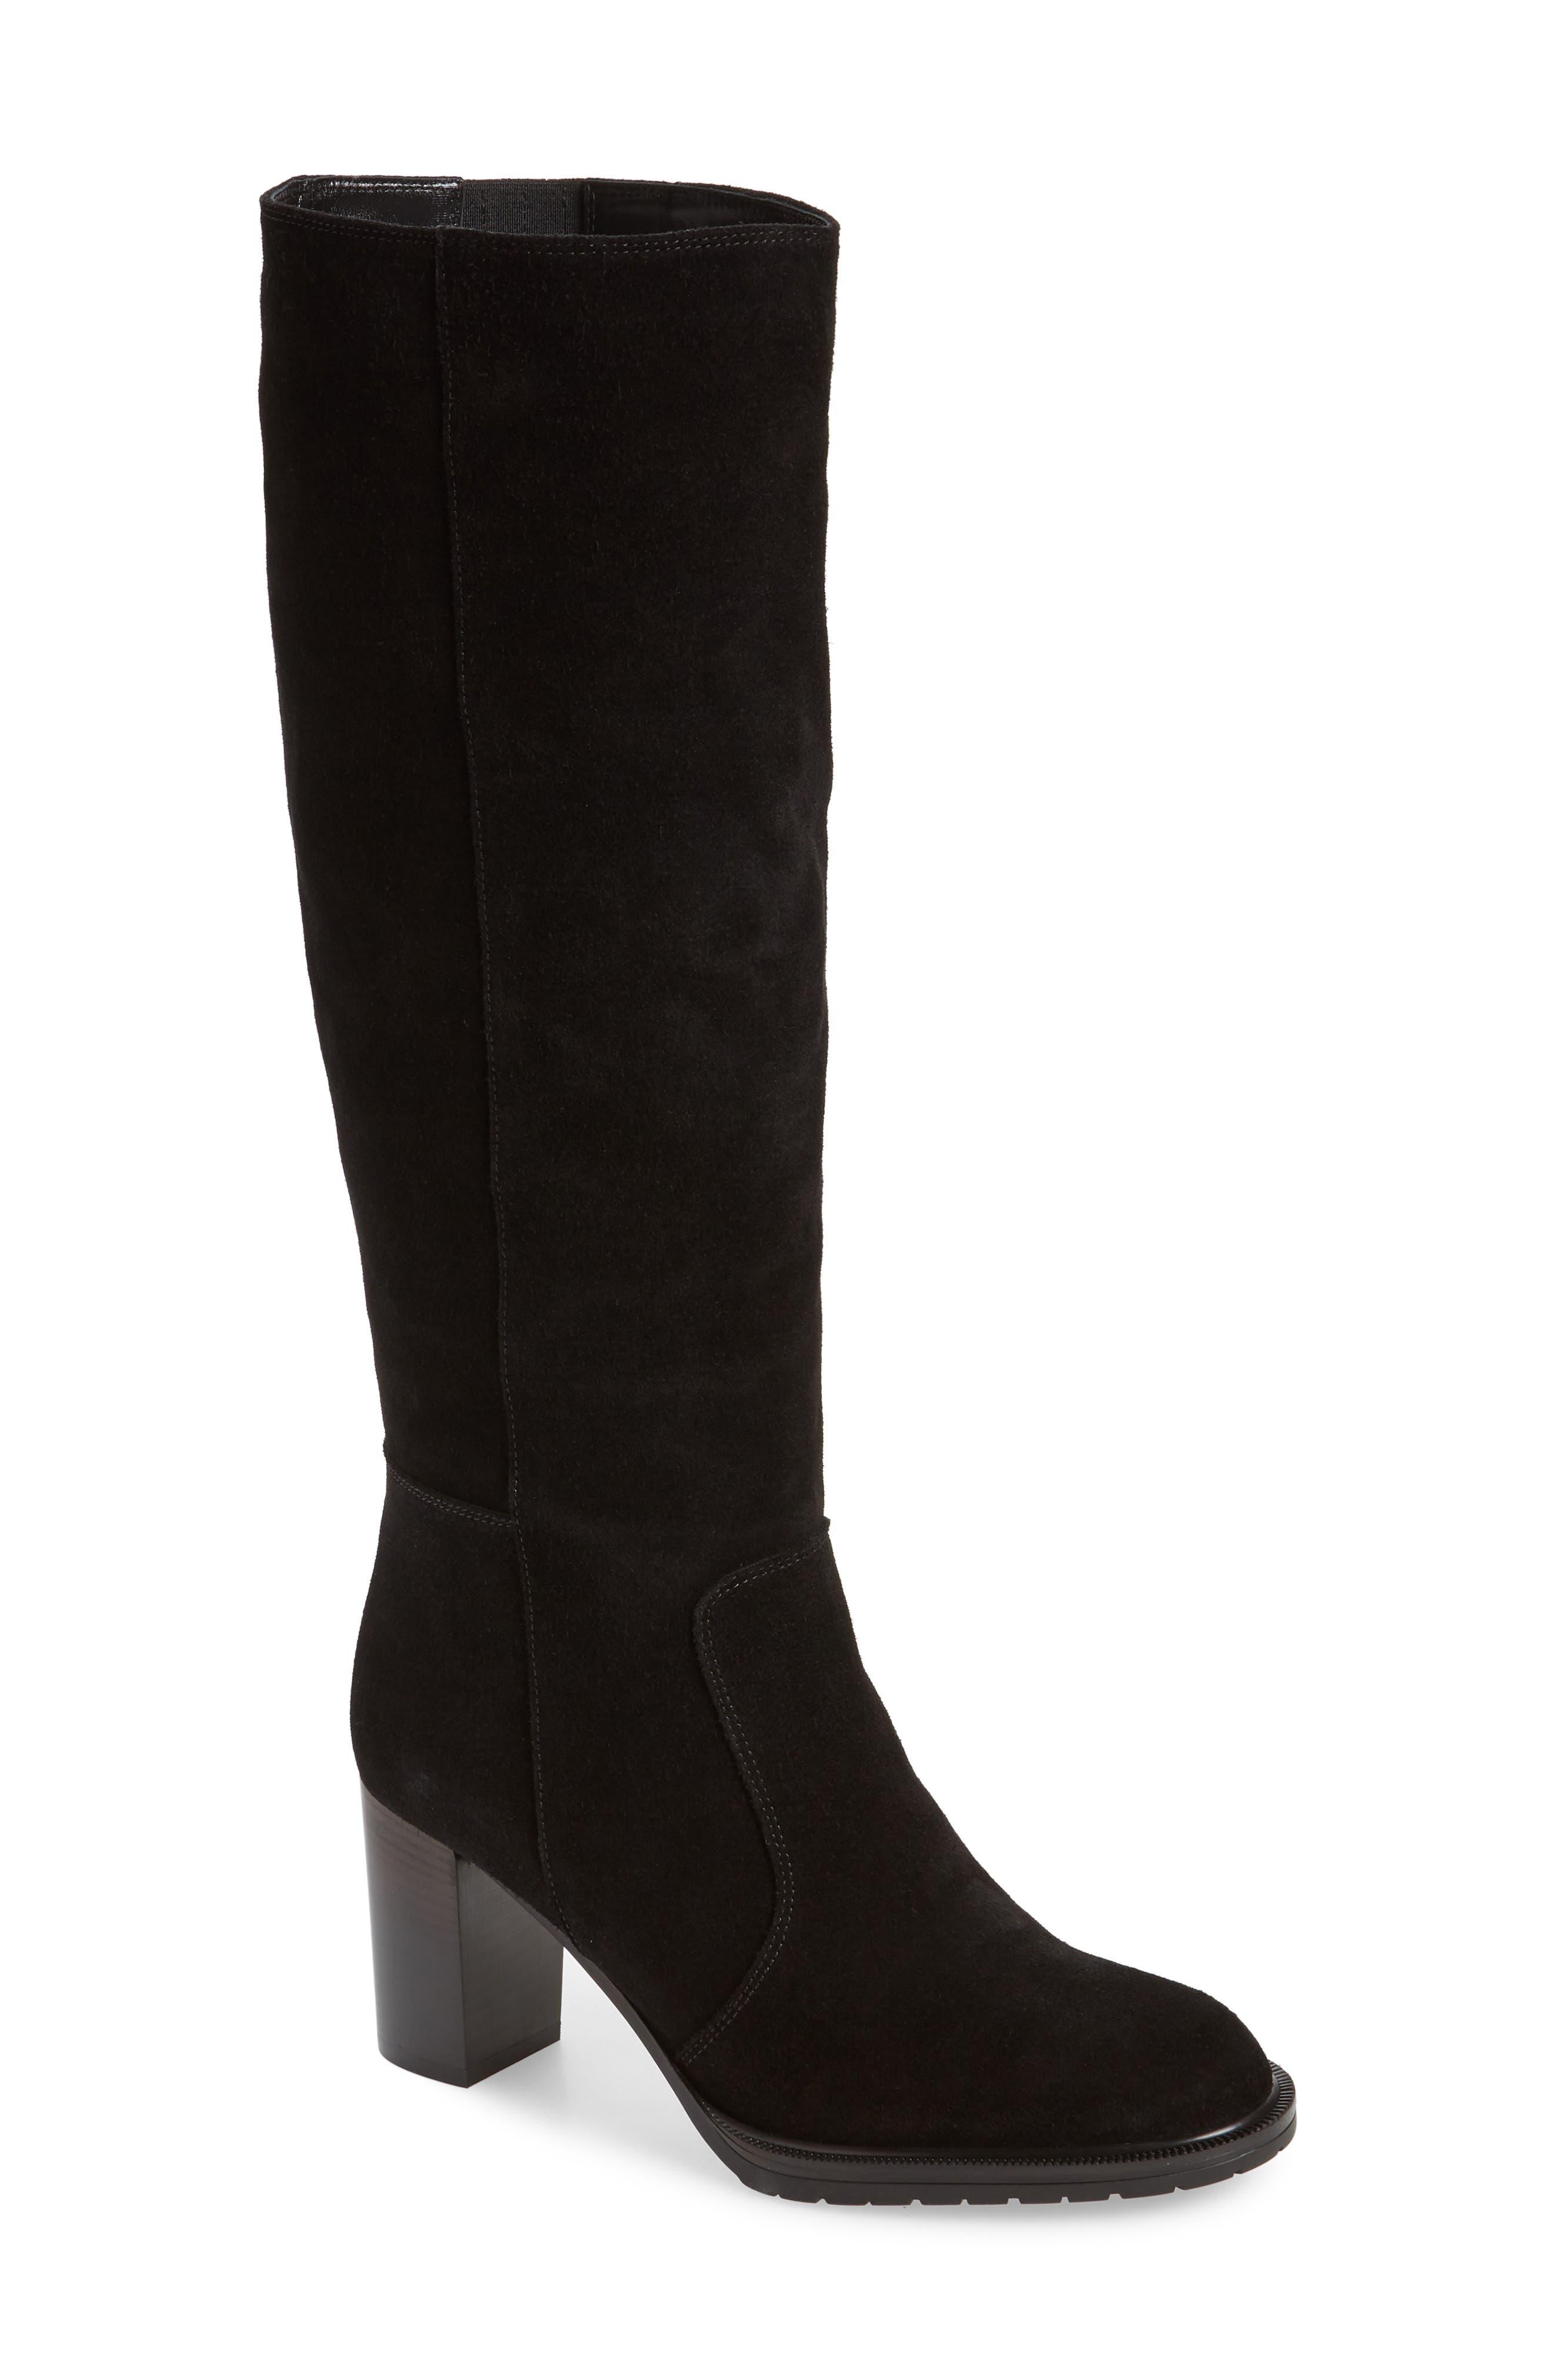 Image of Aquatalia Breanna Weatherproof Knee High Leather Boot